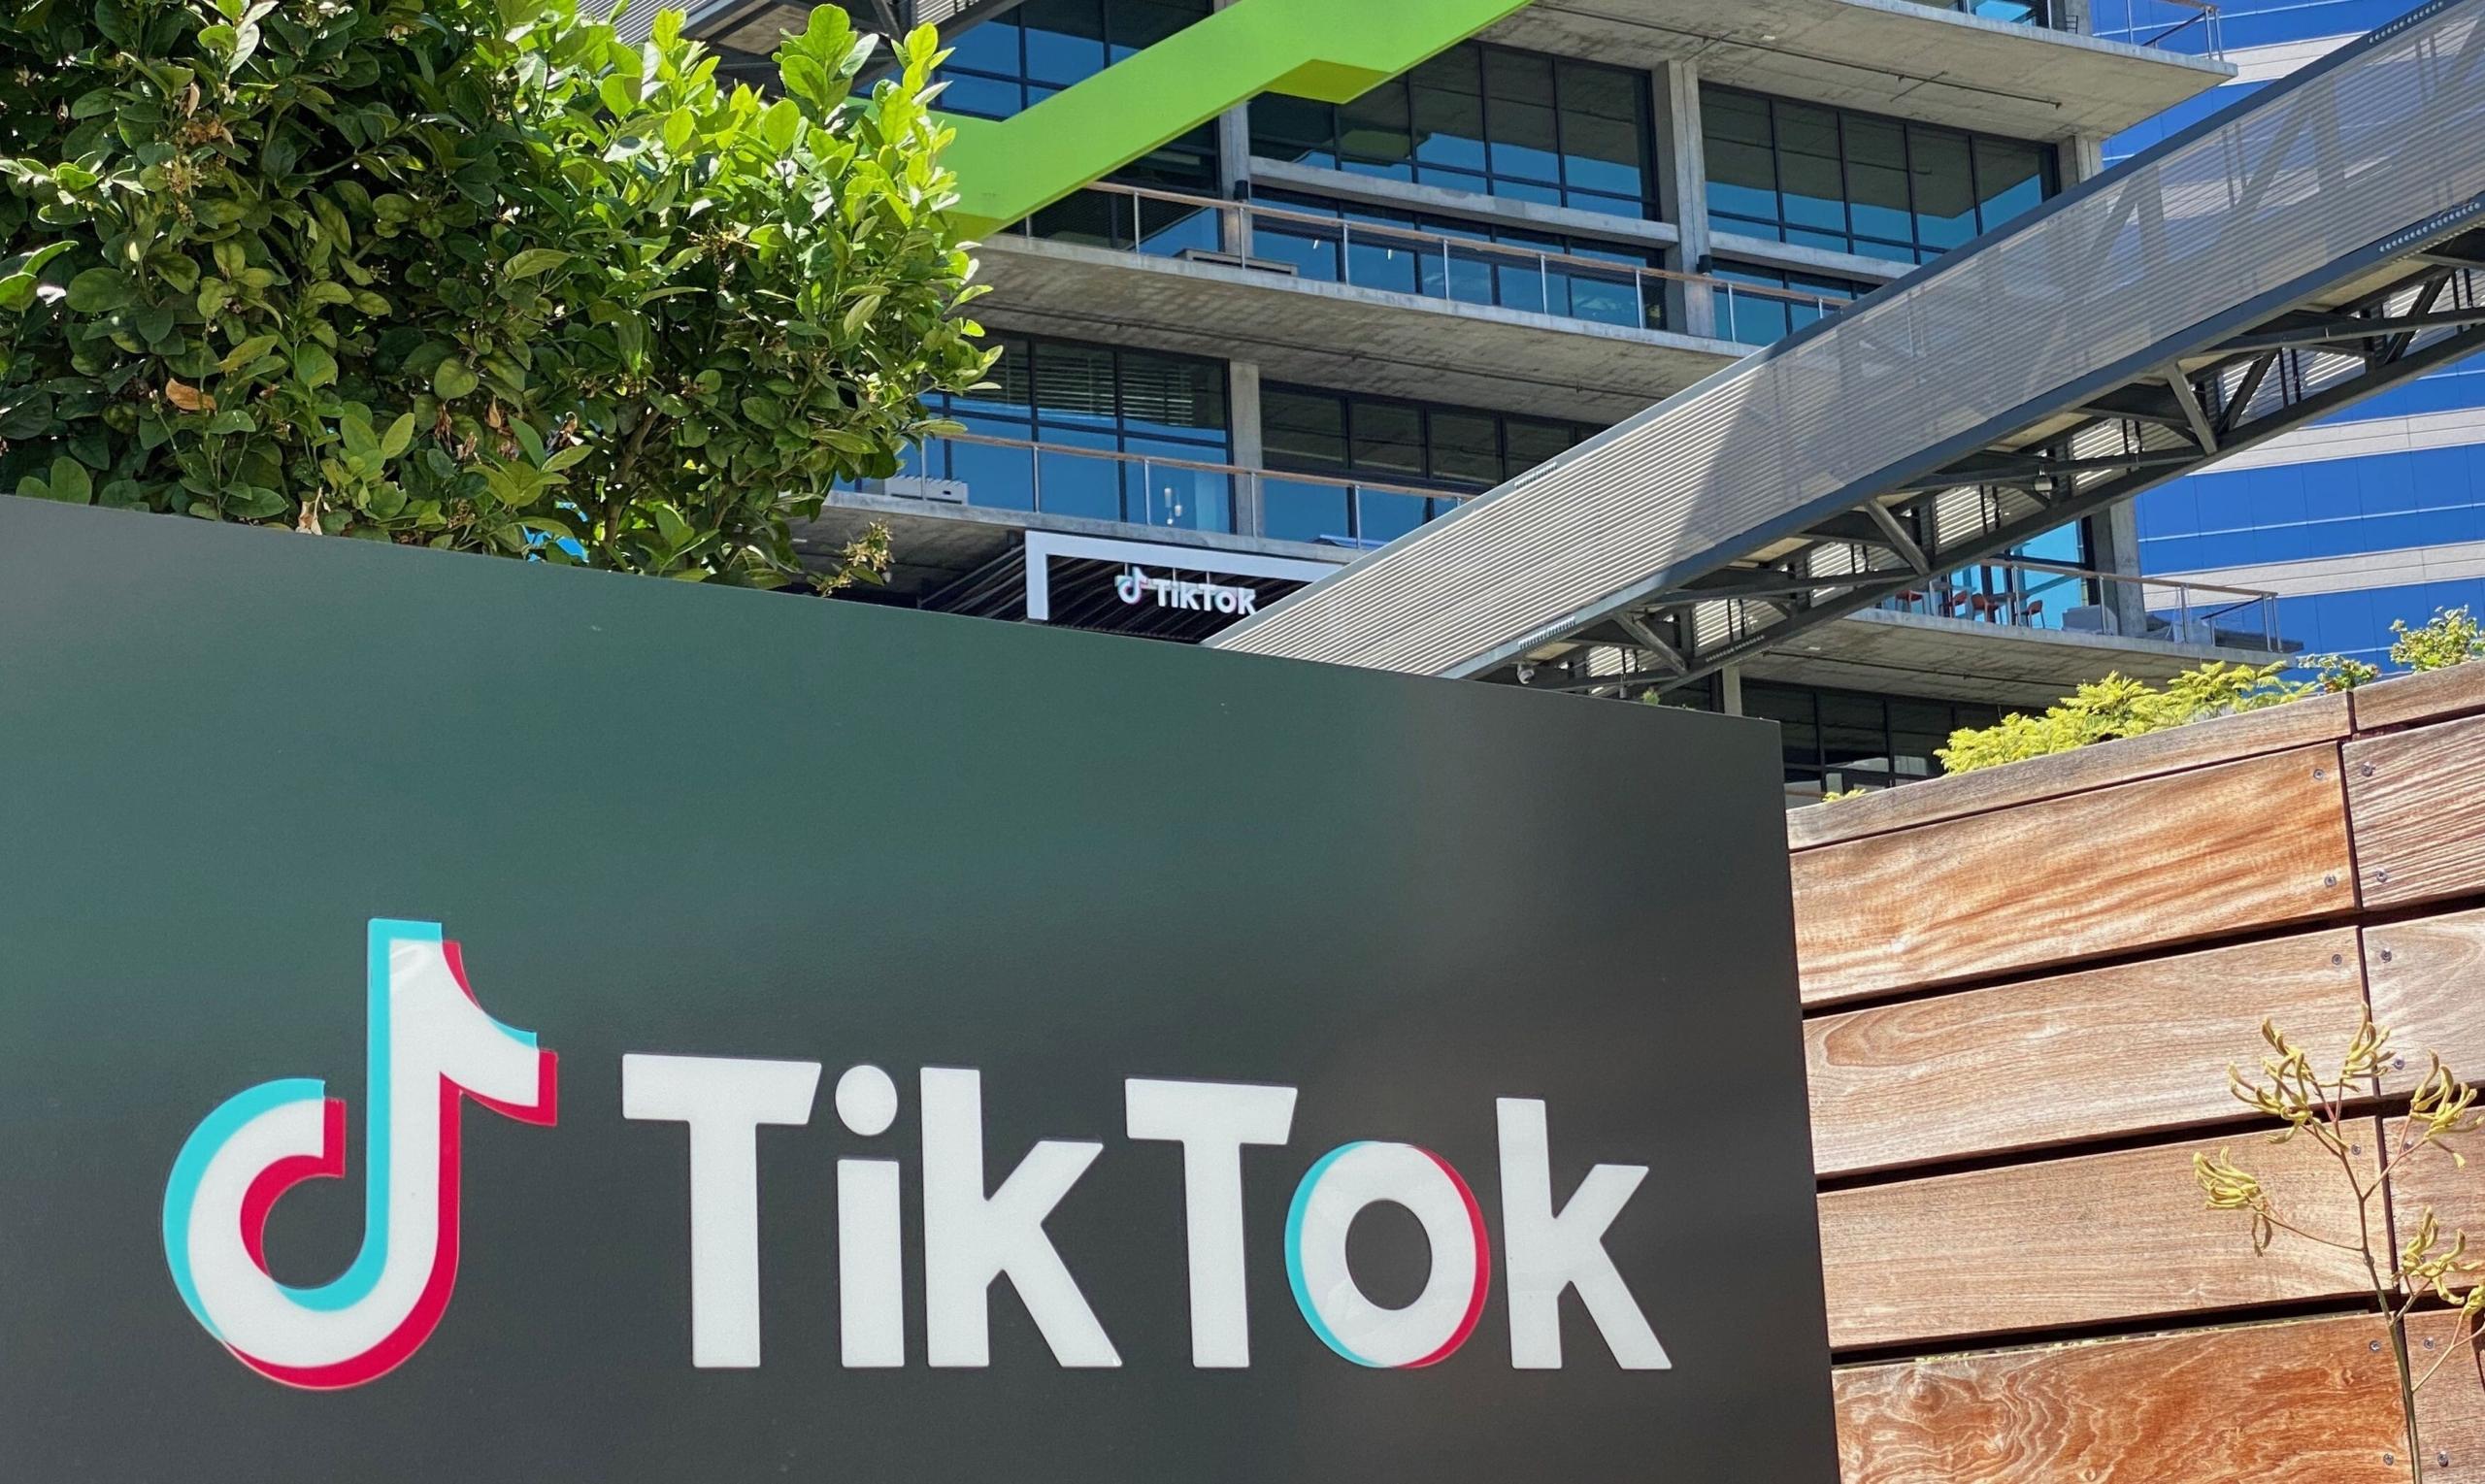 Oracle será el nuevo socio de TiKTok en EE.UU. luego de que la oferta de Microsoft fue rechazada